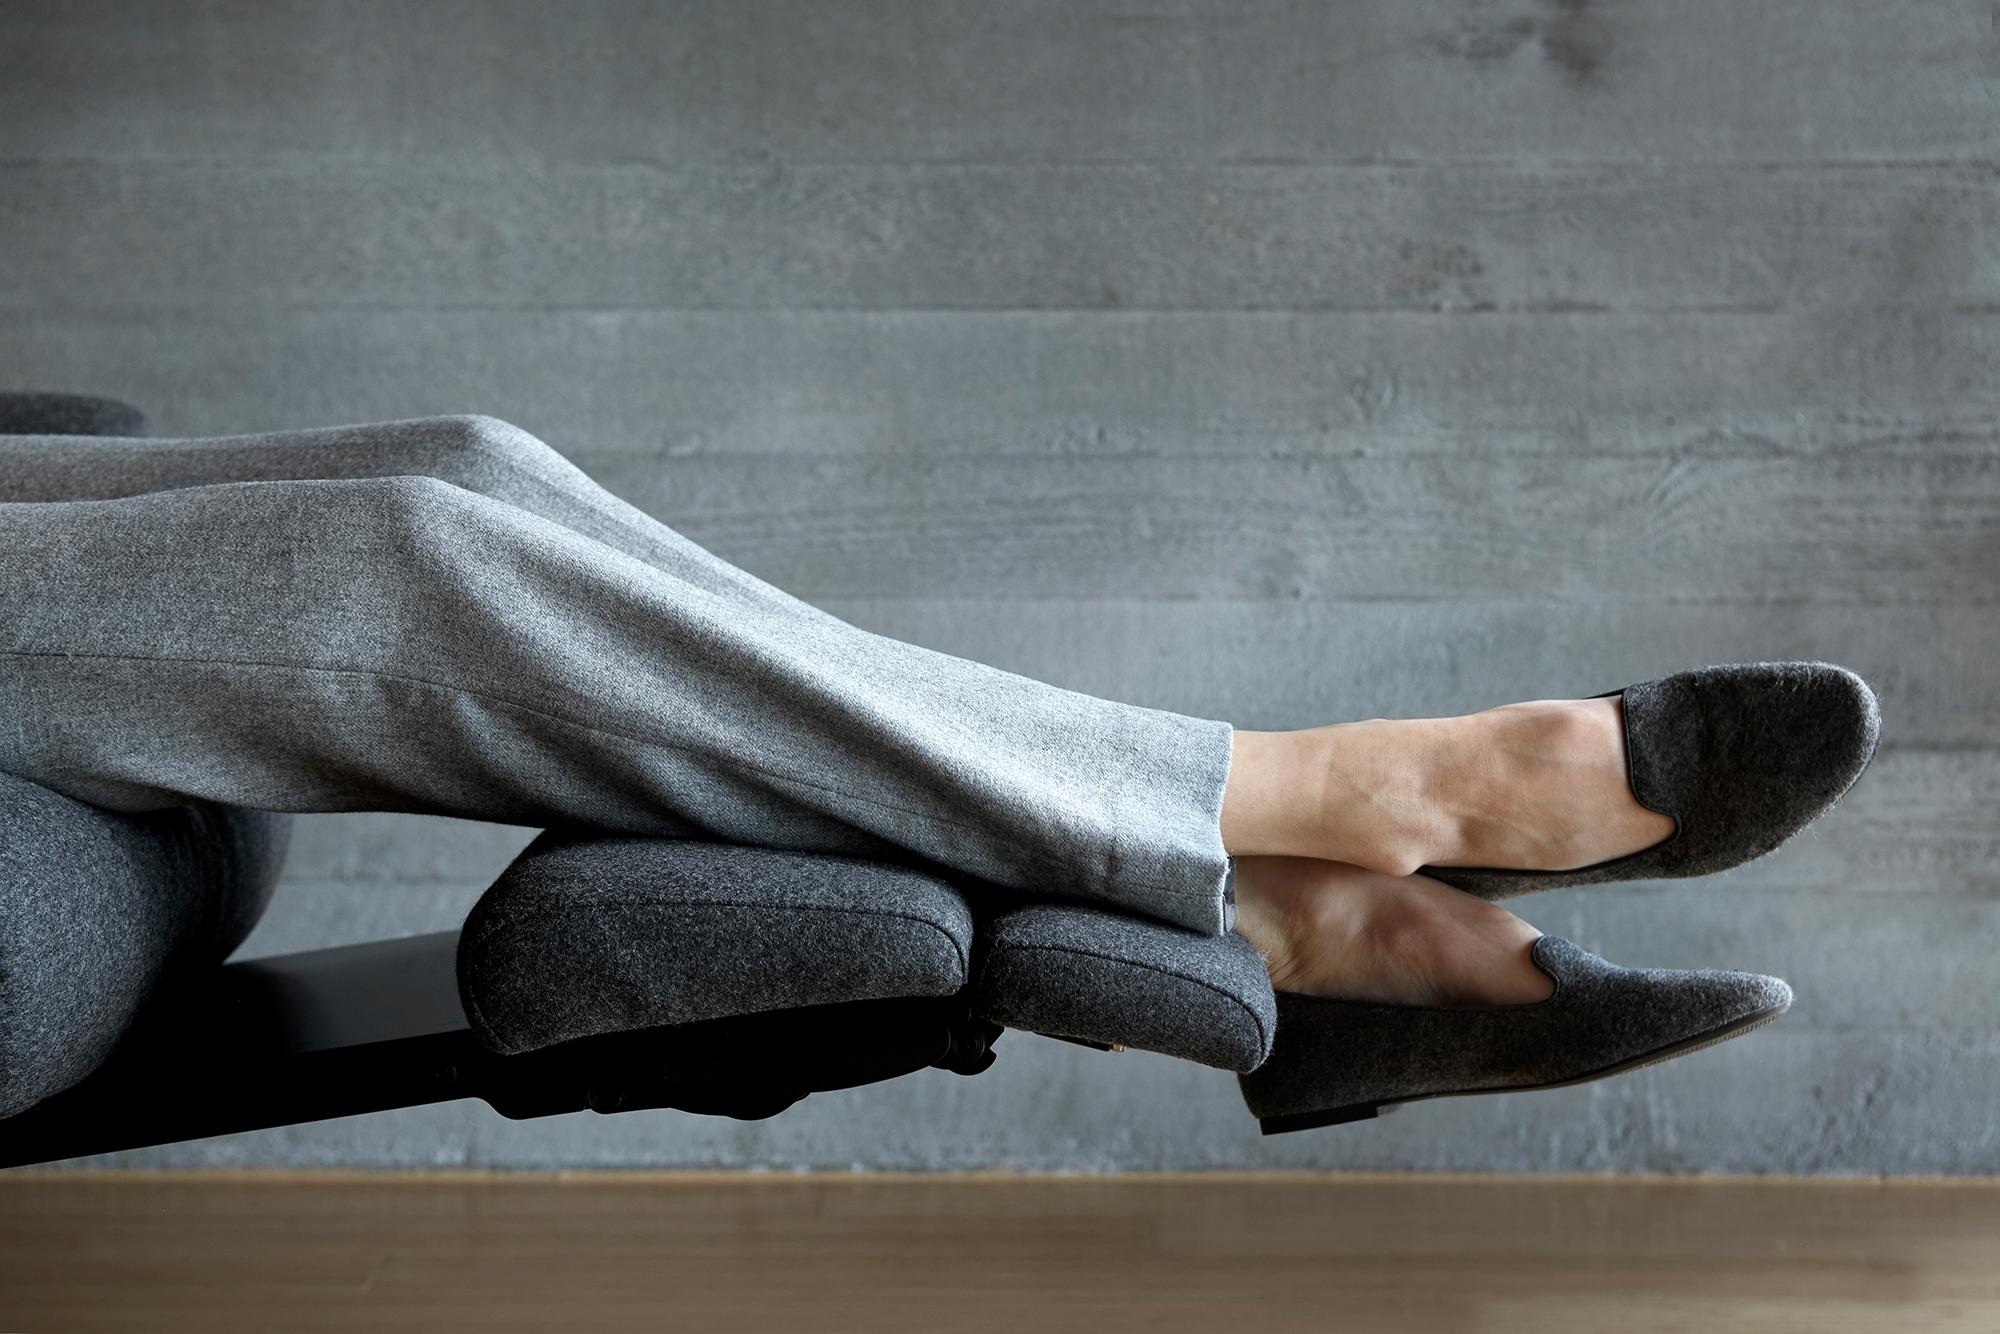 Bei schweren Beinen hilft Bewegung – oder das entspannte Beine hochlegen auf einem Stressless View Sessel mit ausfahrbarer Fussstütze.